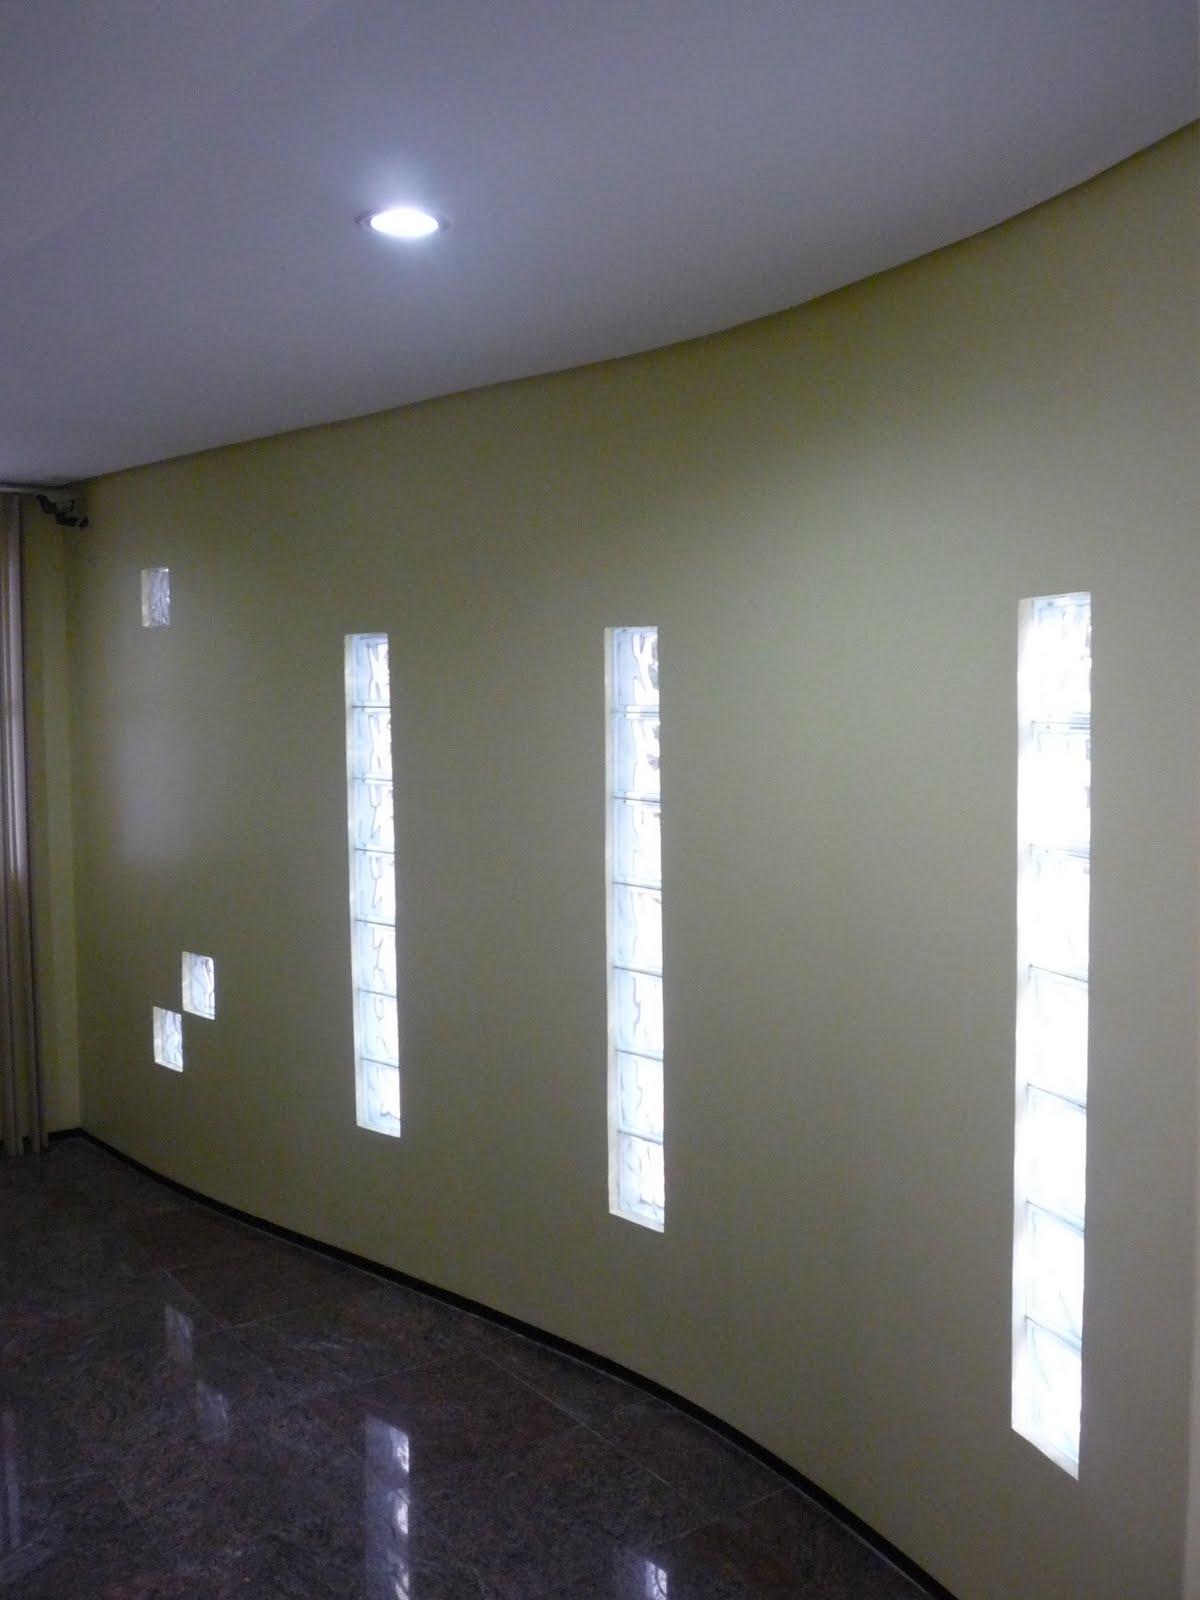 #466685 ROBERTO WAGNER ARAÚJO Arquitetura & Interiores: Outubro 2010 1200x1600 px Banheiro Decorado Com Bloco De Vidro 3649